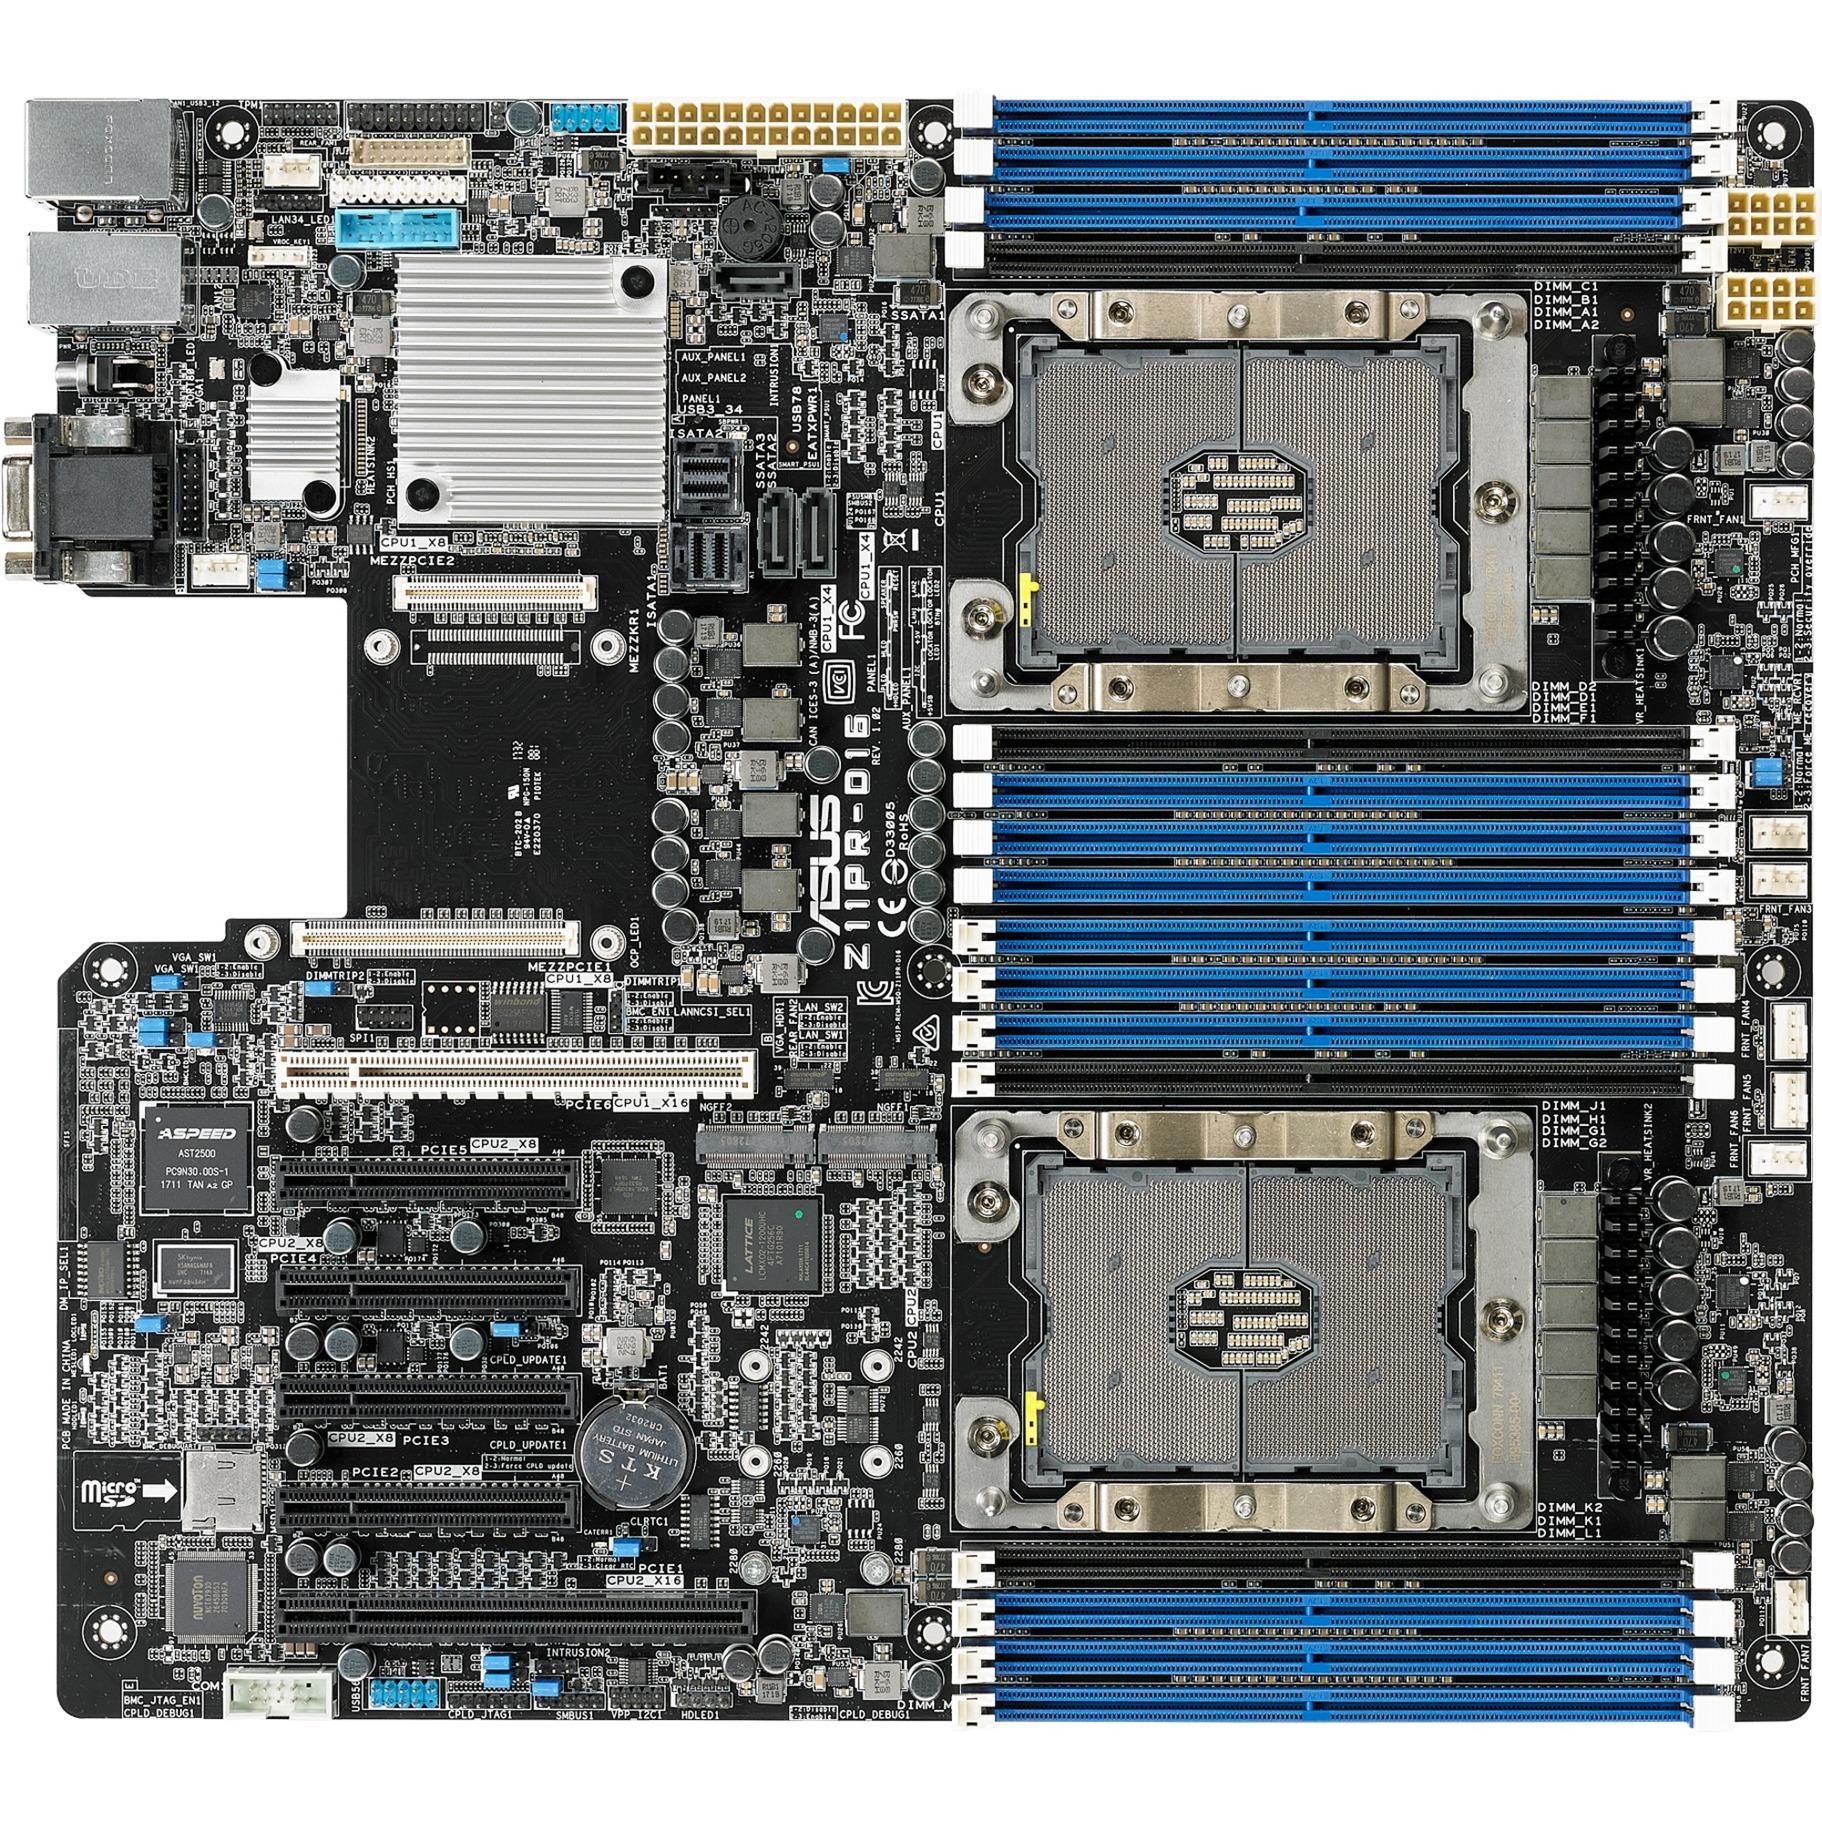 Z11PR-D16 placa base para servidor y estación de trabajo LGA 3647 (Socket P) Intel C621 SSI EEB